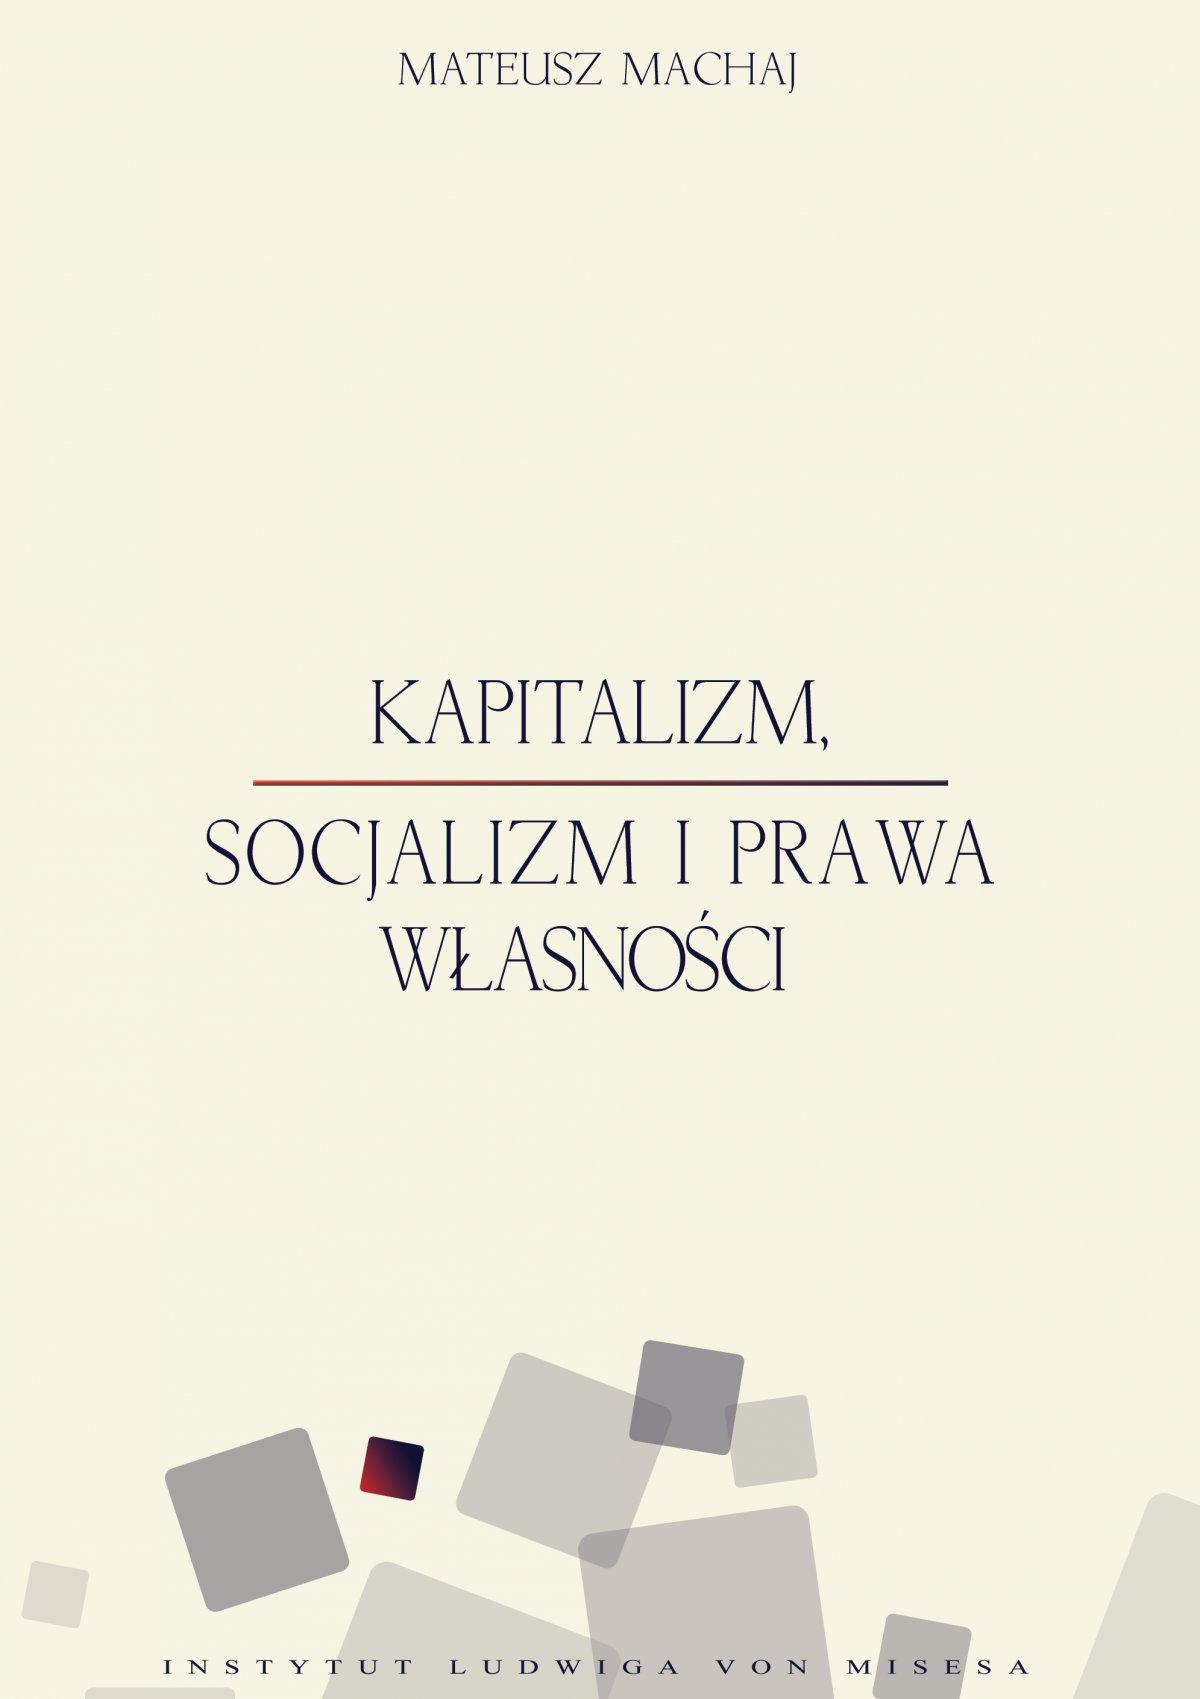 Kapitalizm, socjalizm i prawa własności - Ebook (Książka na Kindle) do pobrania w formacie MOBI